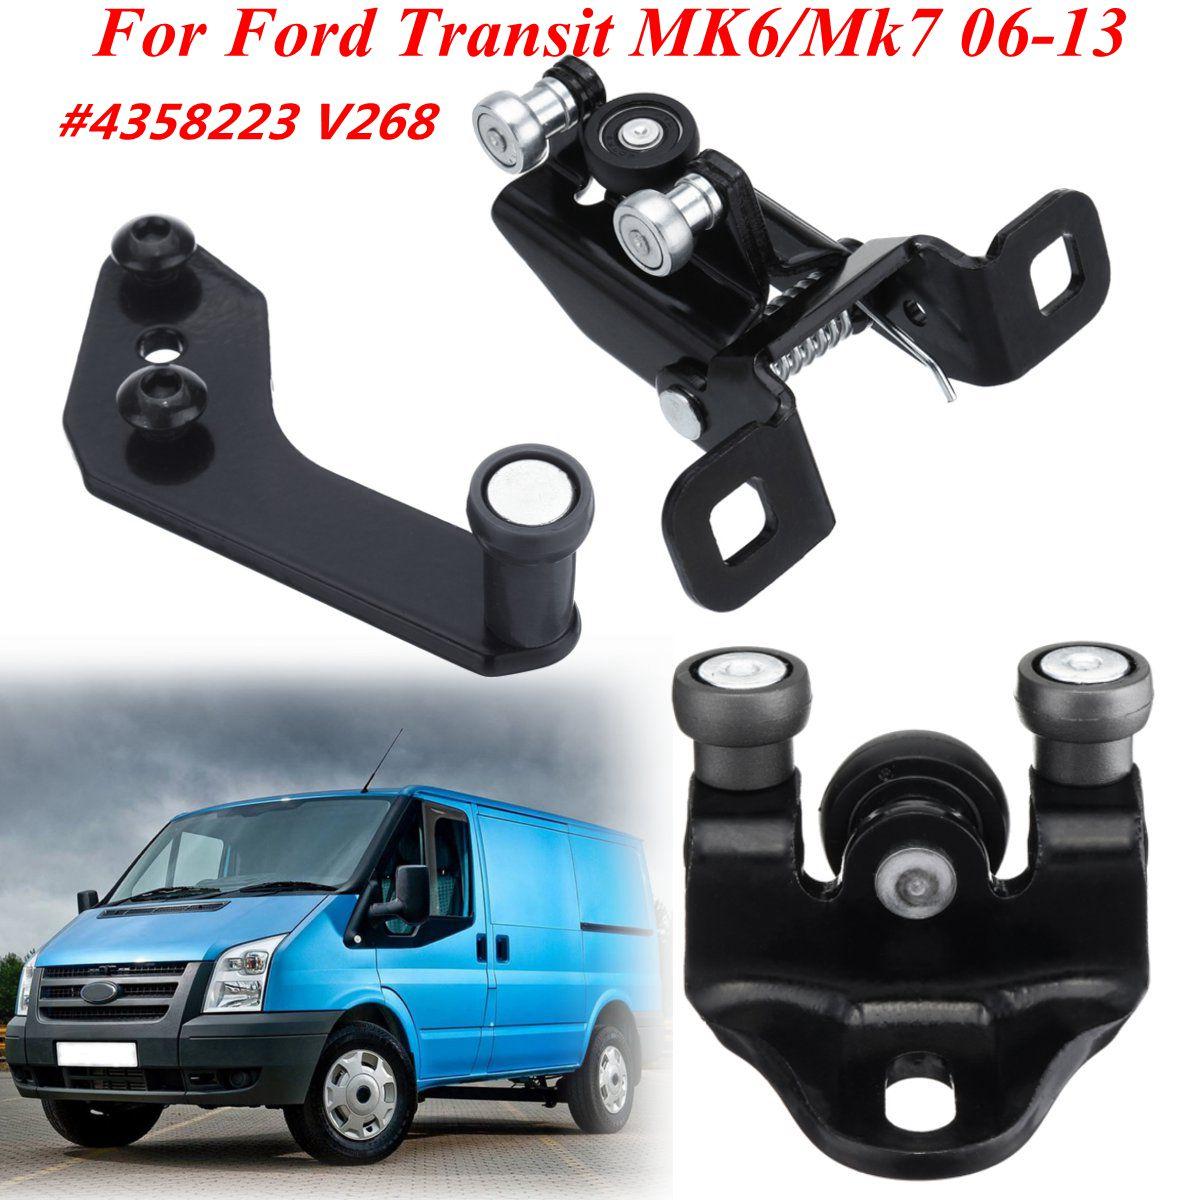 Side Sliding Door Top Middle Bottom Roller Runner Left Right Side FOR Ford Transit MK7 MK6 2006-2013 4358223 V268 AJ - 4358223